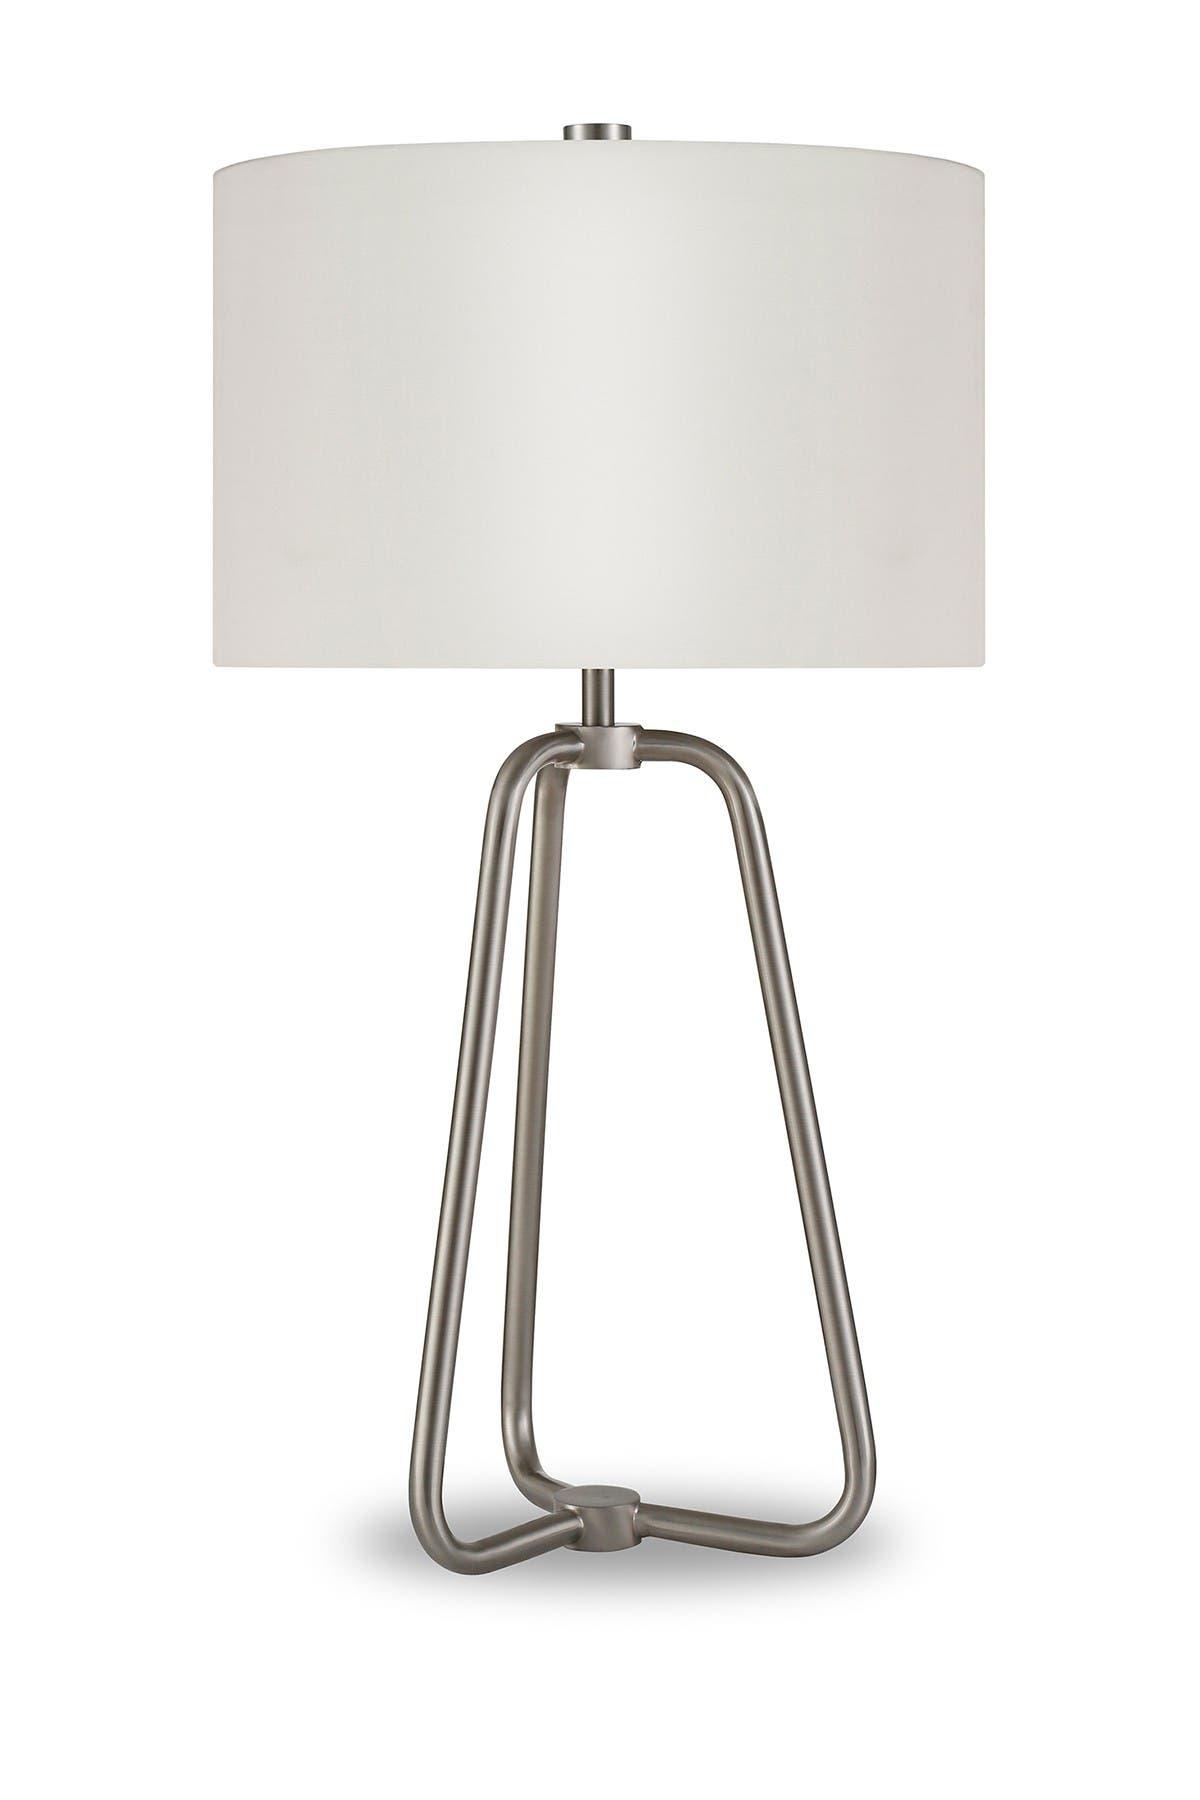 Image of Addison and Lane Marduk Table Lamp - Brushed Nickel